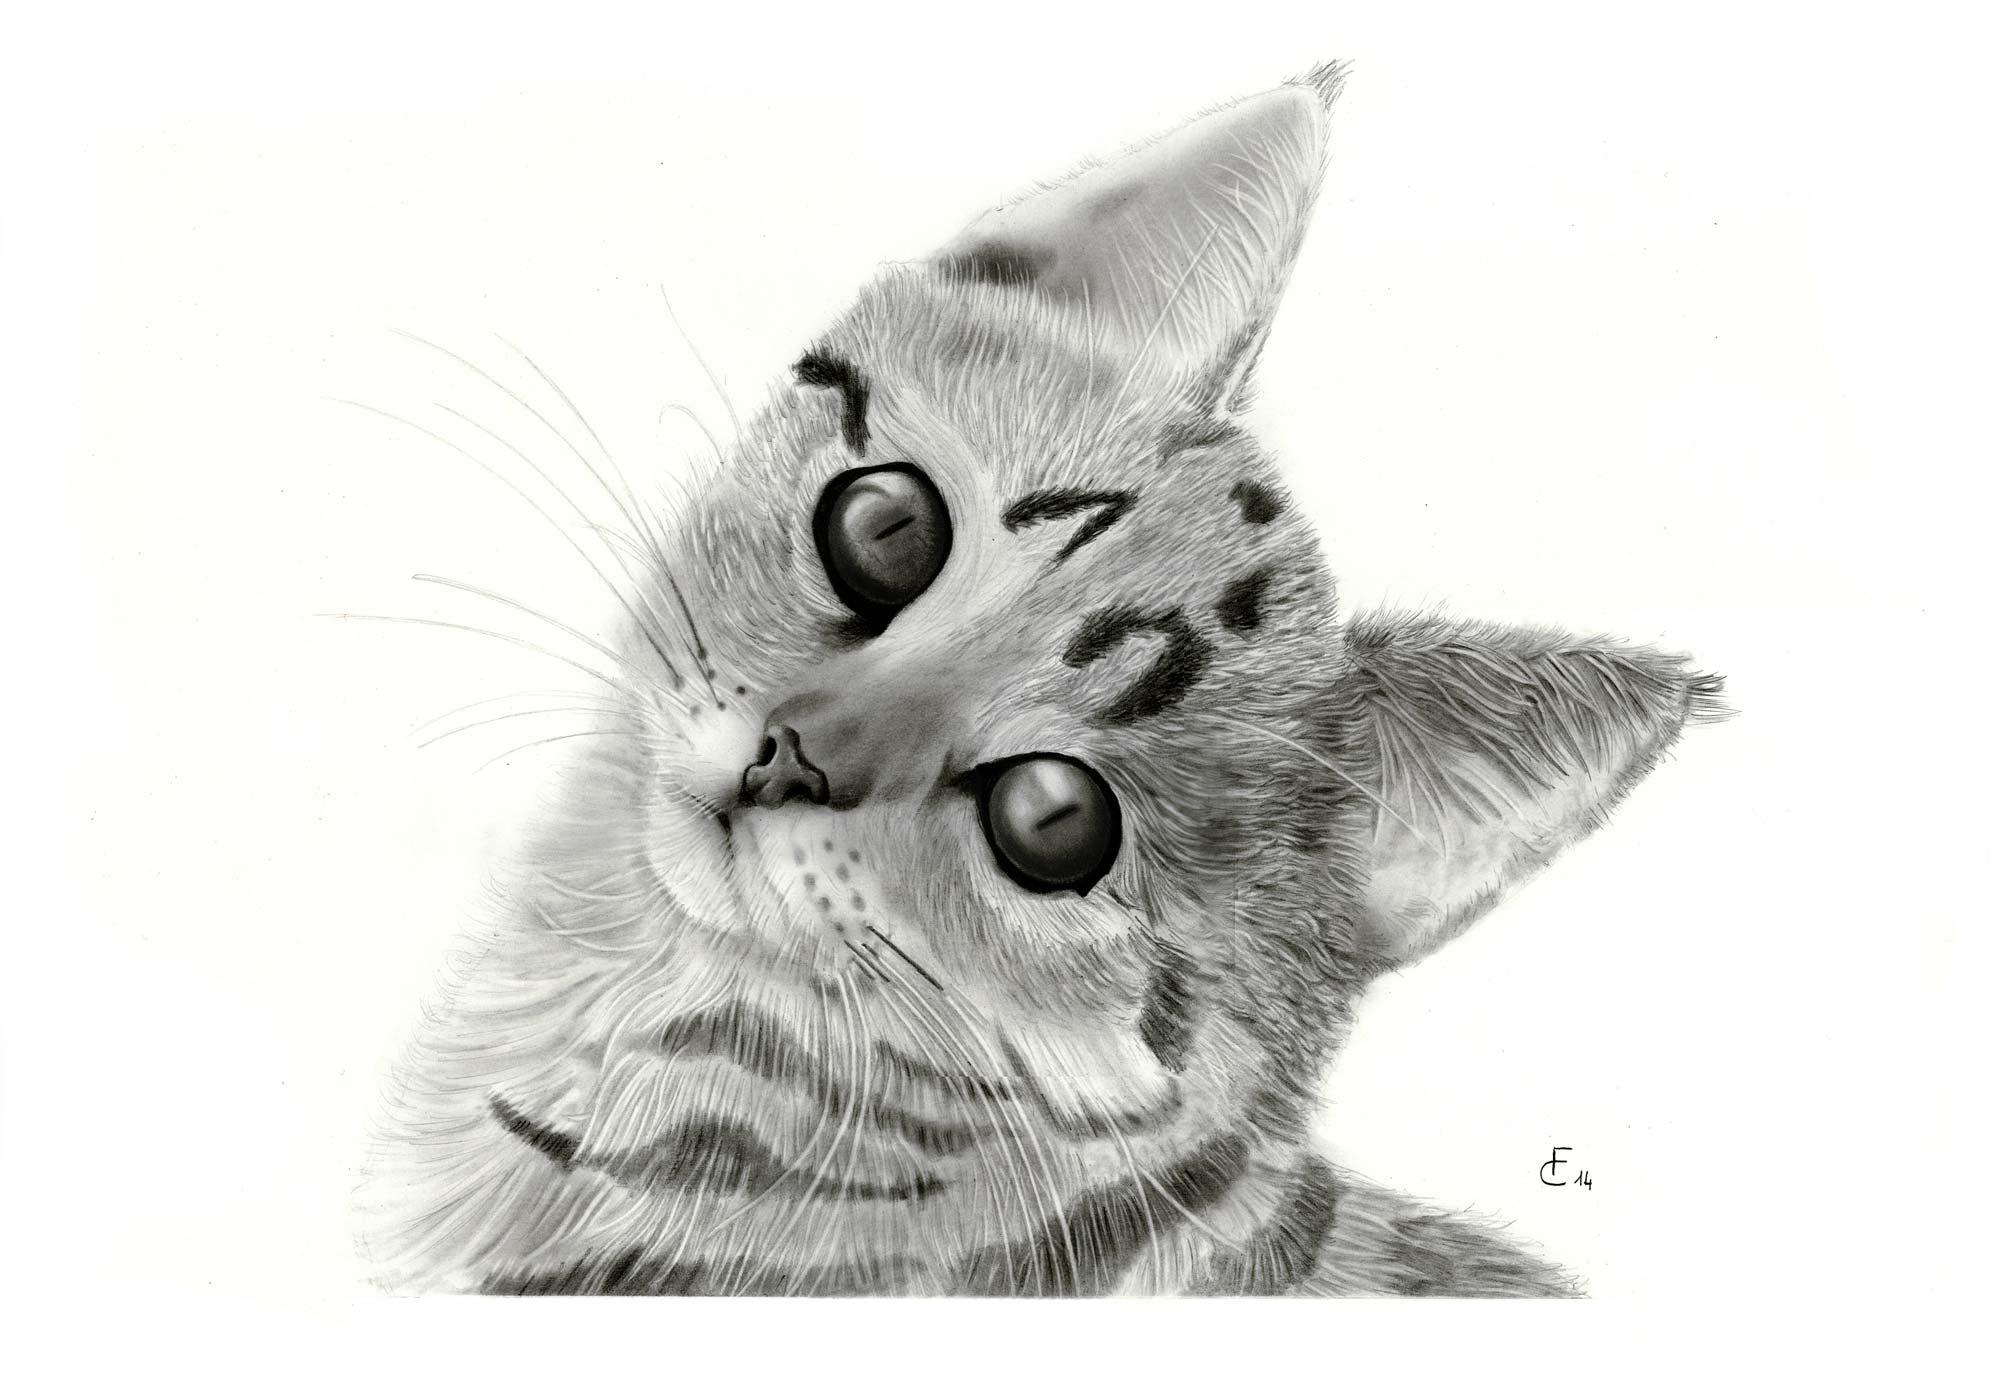 Lusso disegni colorati di gatti belli migliori pagine da for Immagini di cavalli da disegnare